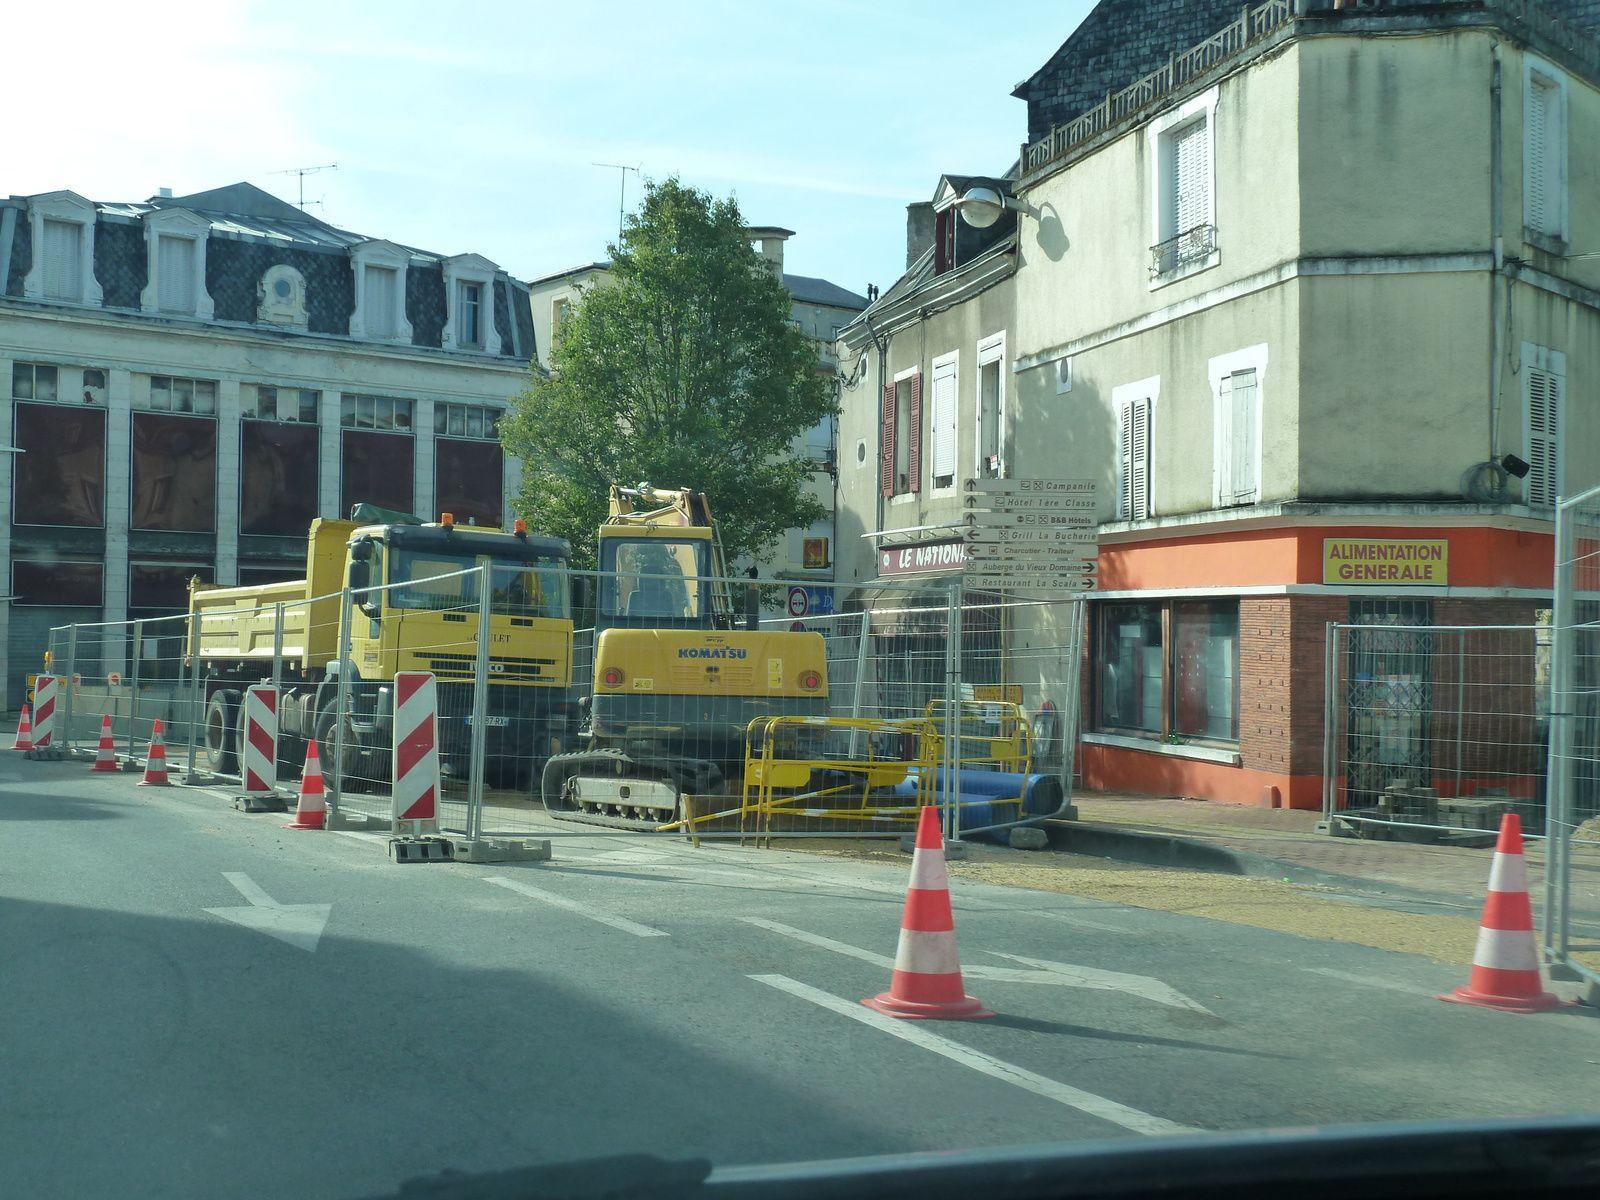 Démolition en centre-ville : le curage des bâtiments a commencé (photos et vidéo)